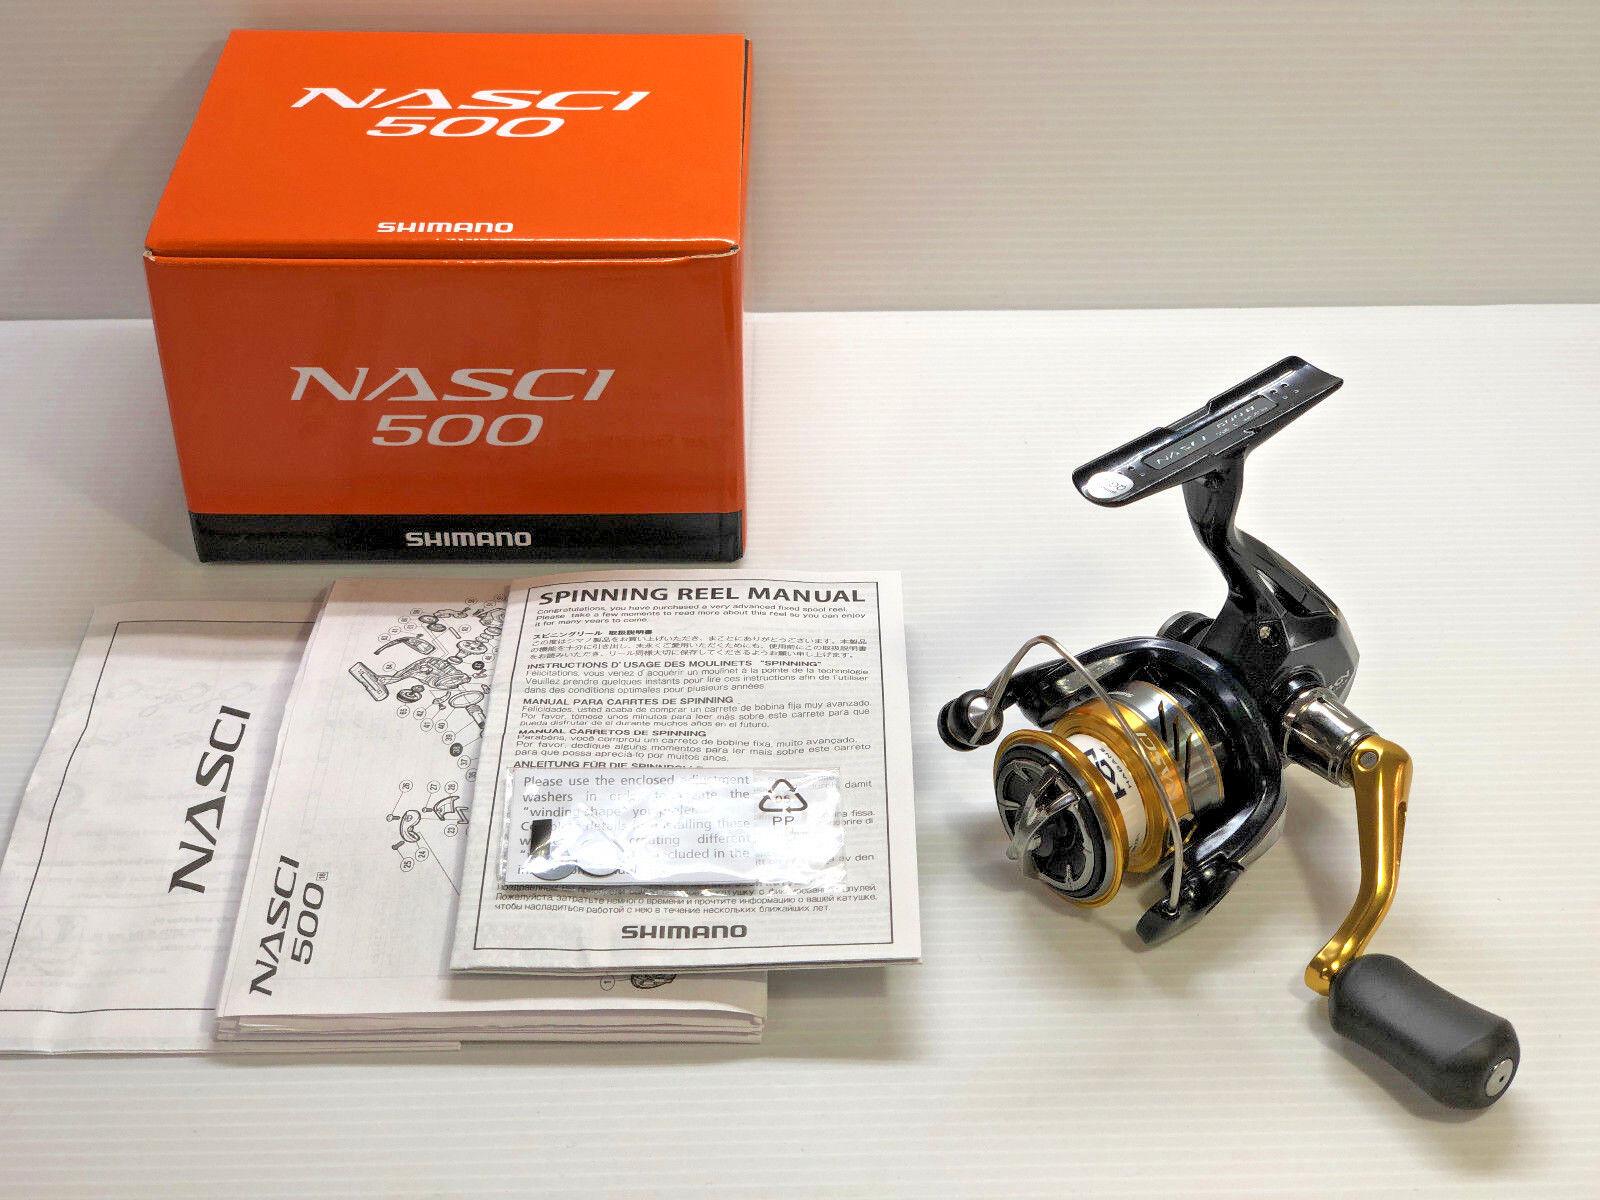 Shimano 18 Nasci 500-Envío gratuito desde Japón